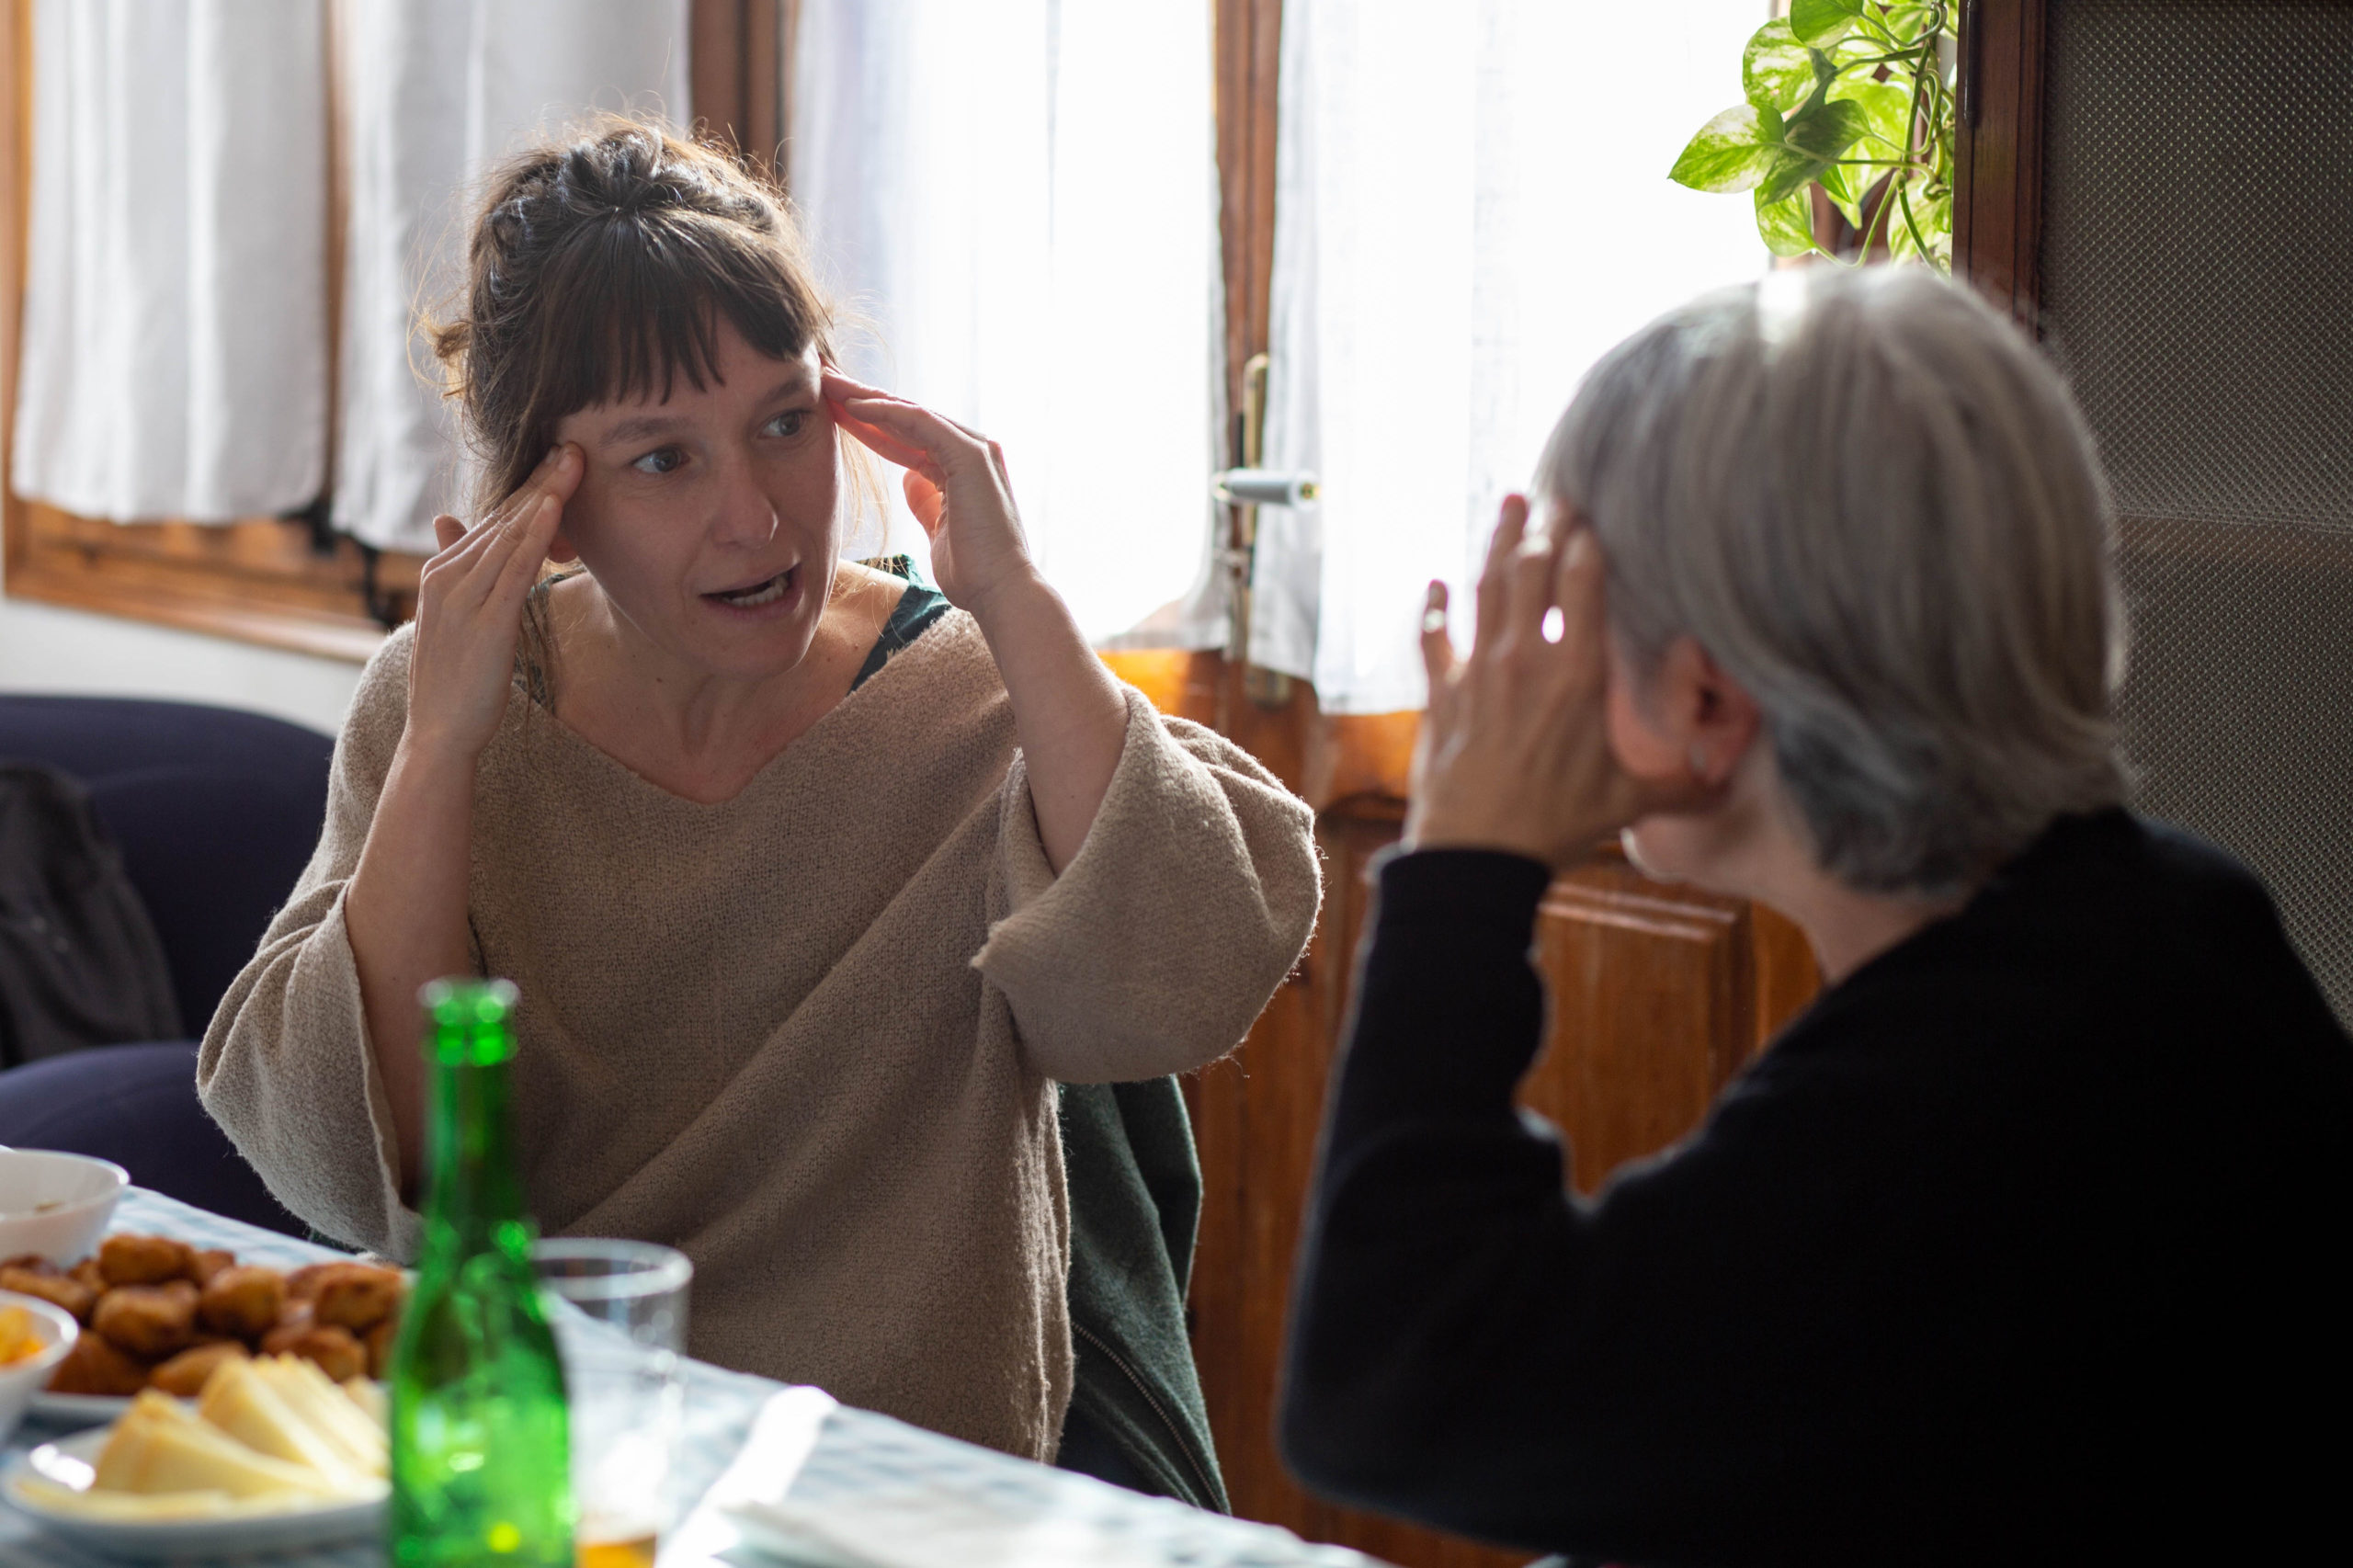 Una dona gesticulant amb les mans el cap mentre parla amb una altra al menjador de casa